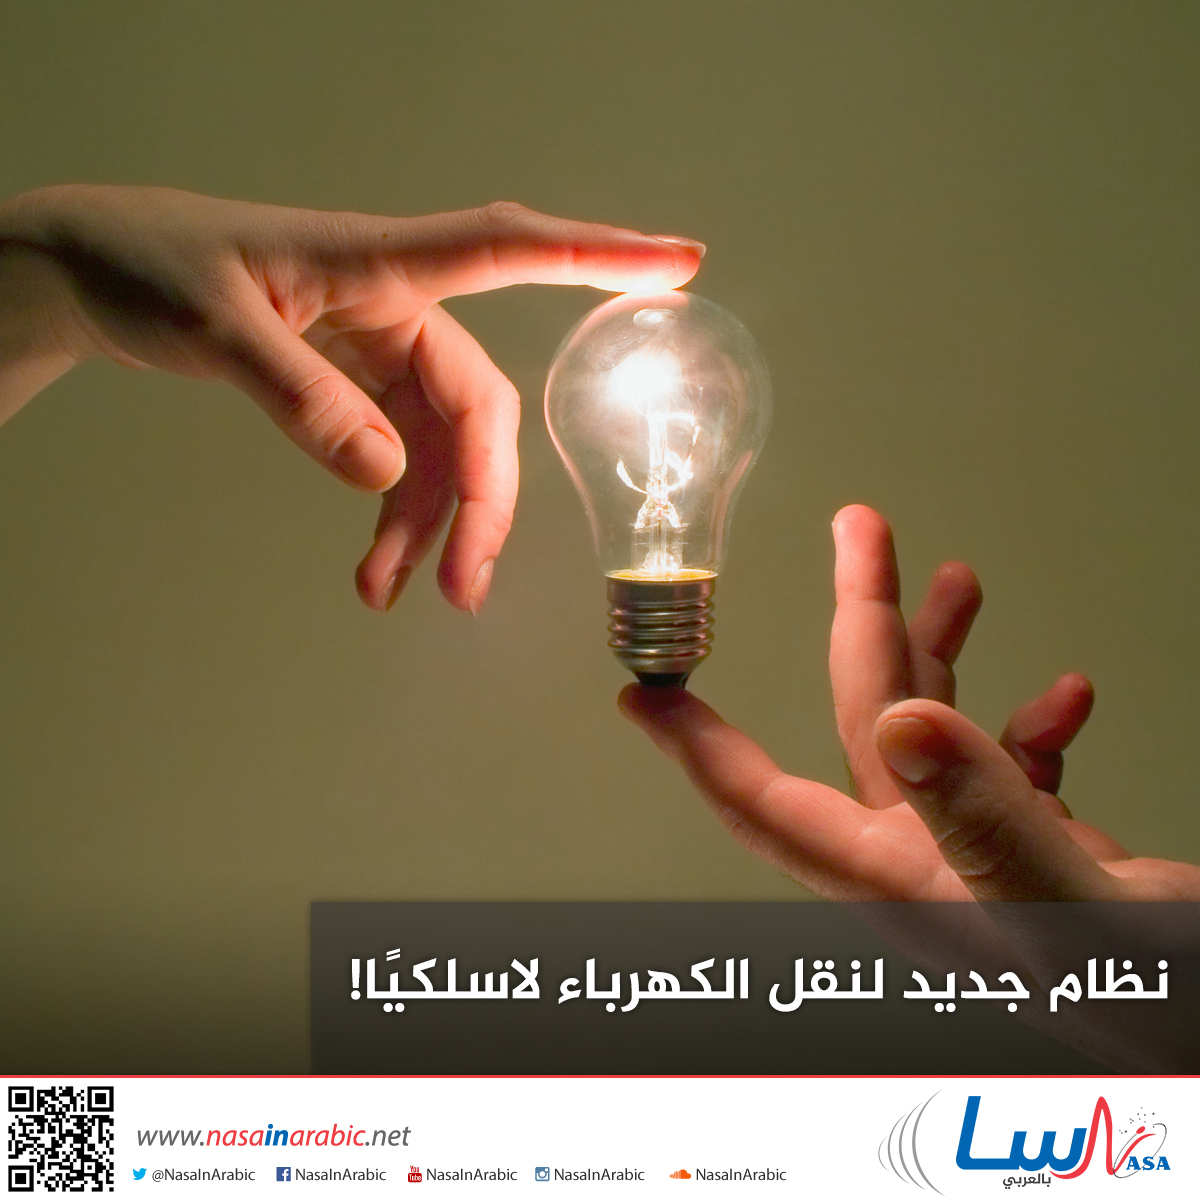 نظام جديد لنقل الكهرباء لاسلكيًا!